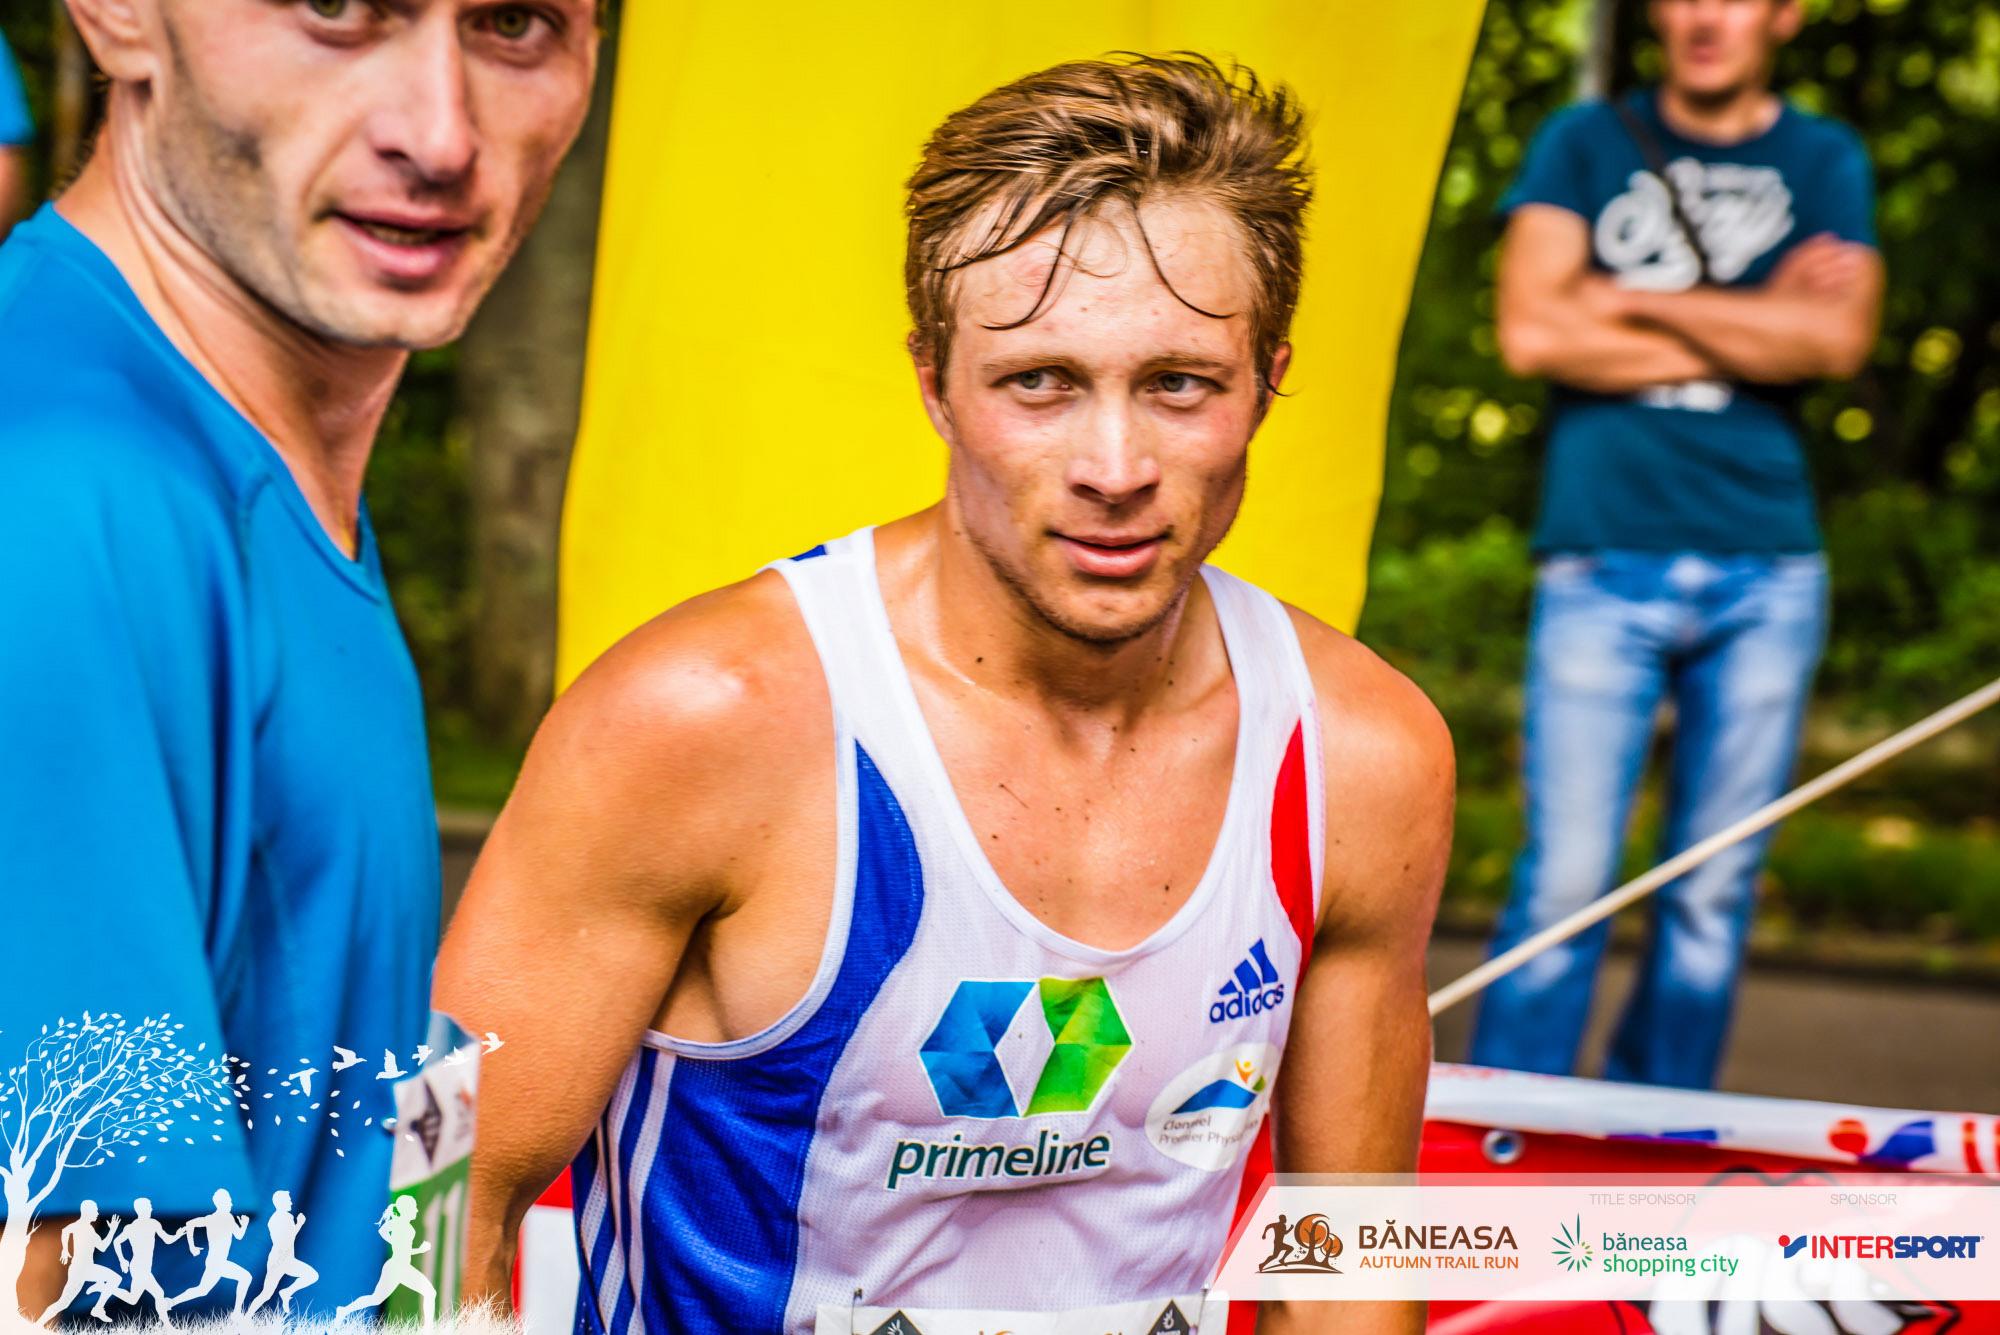 Baneasa-Autumn-Trail-Run-2016-Mihail-Bizniuc